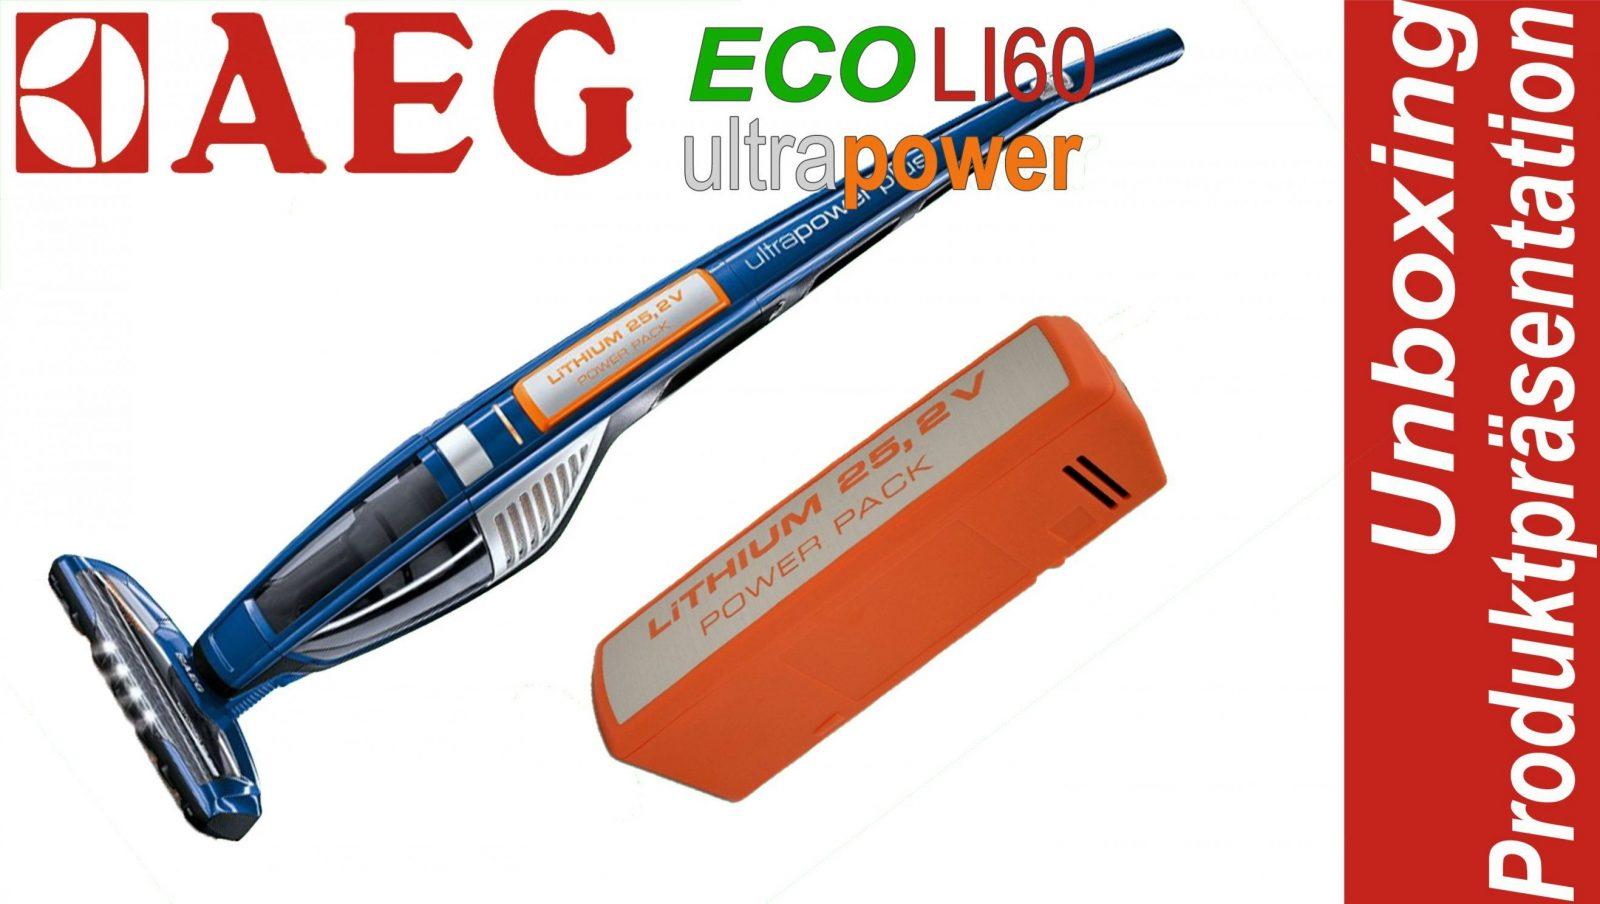 Aeg Eco Li60 Ultra Power Akkustaubsauger  Unboxing Und von Aeg Eco Li 60 Ultrapower Bild